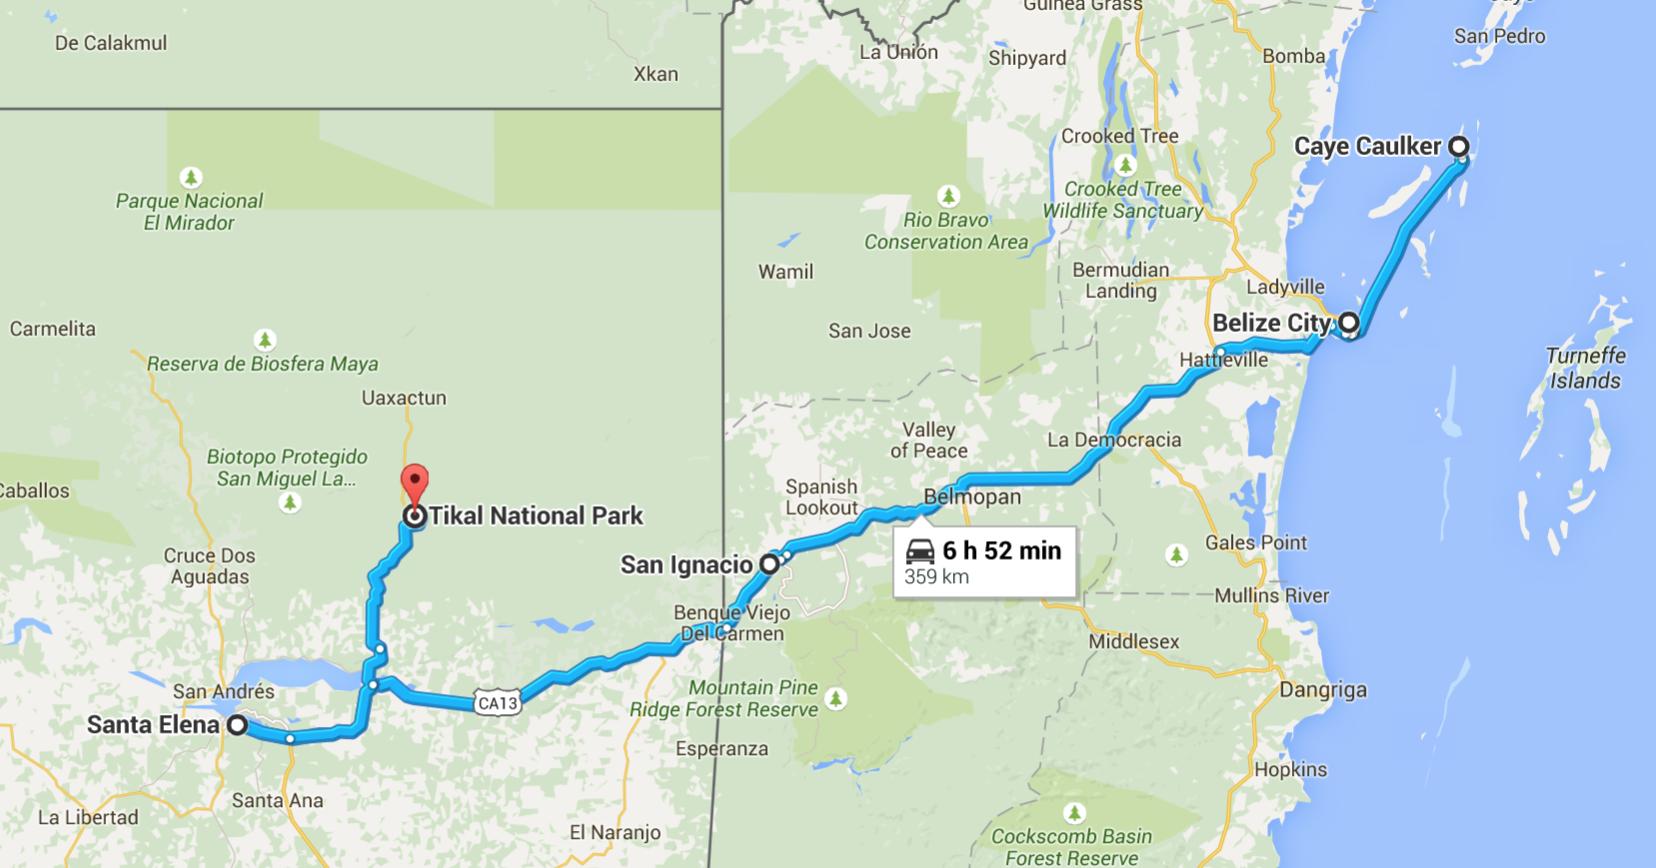 Belize Guatemala trip itinerary